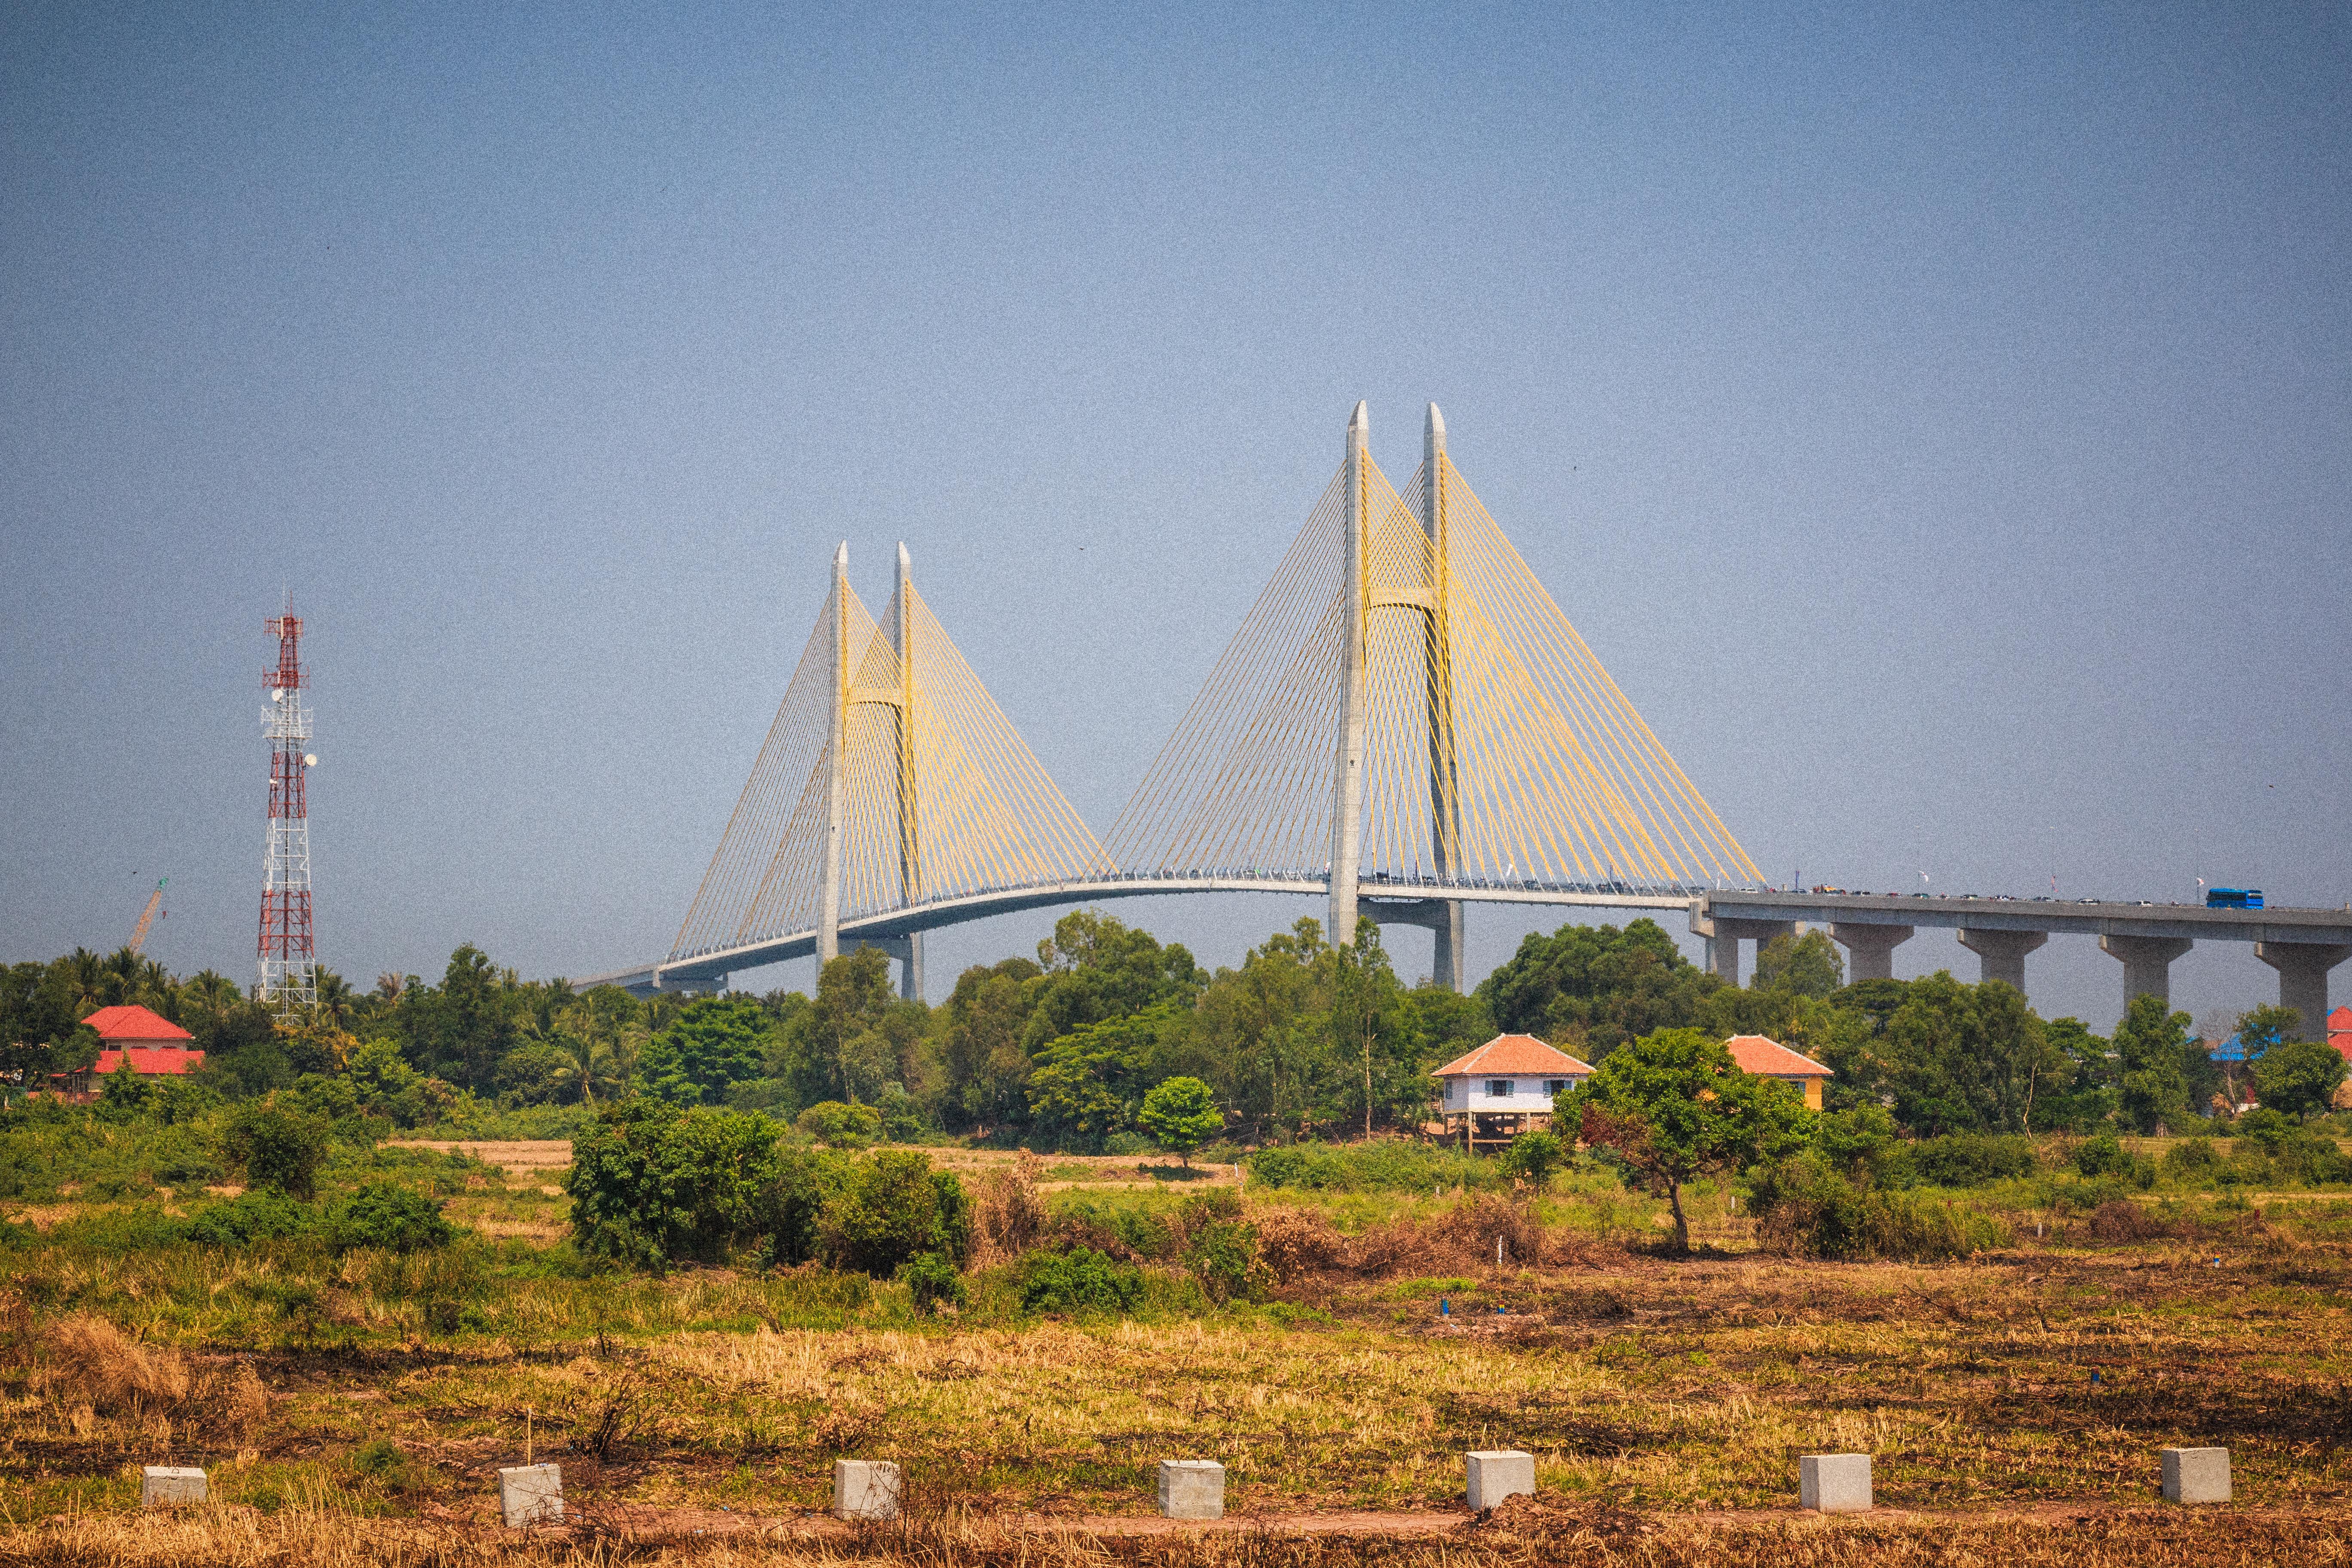 ネアックルン橋 - Wikipedia